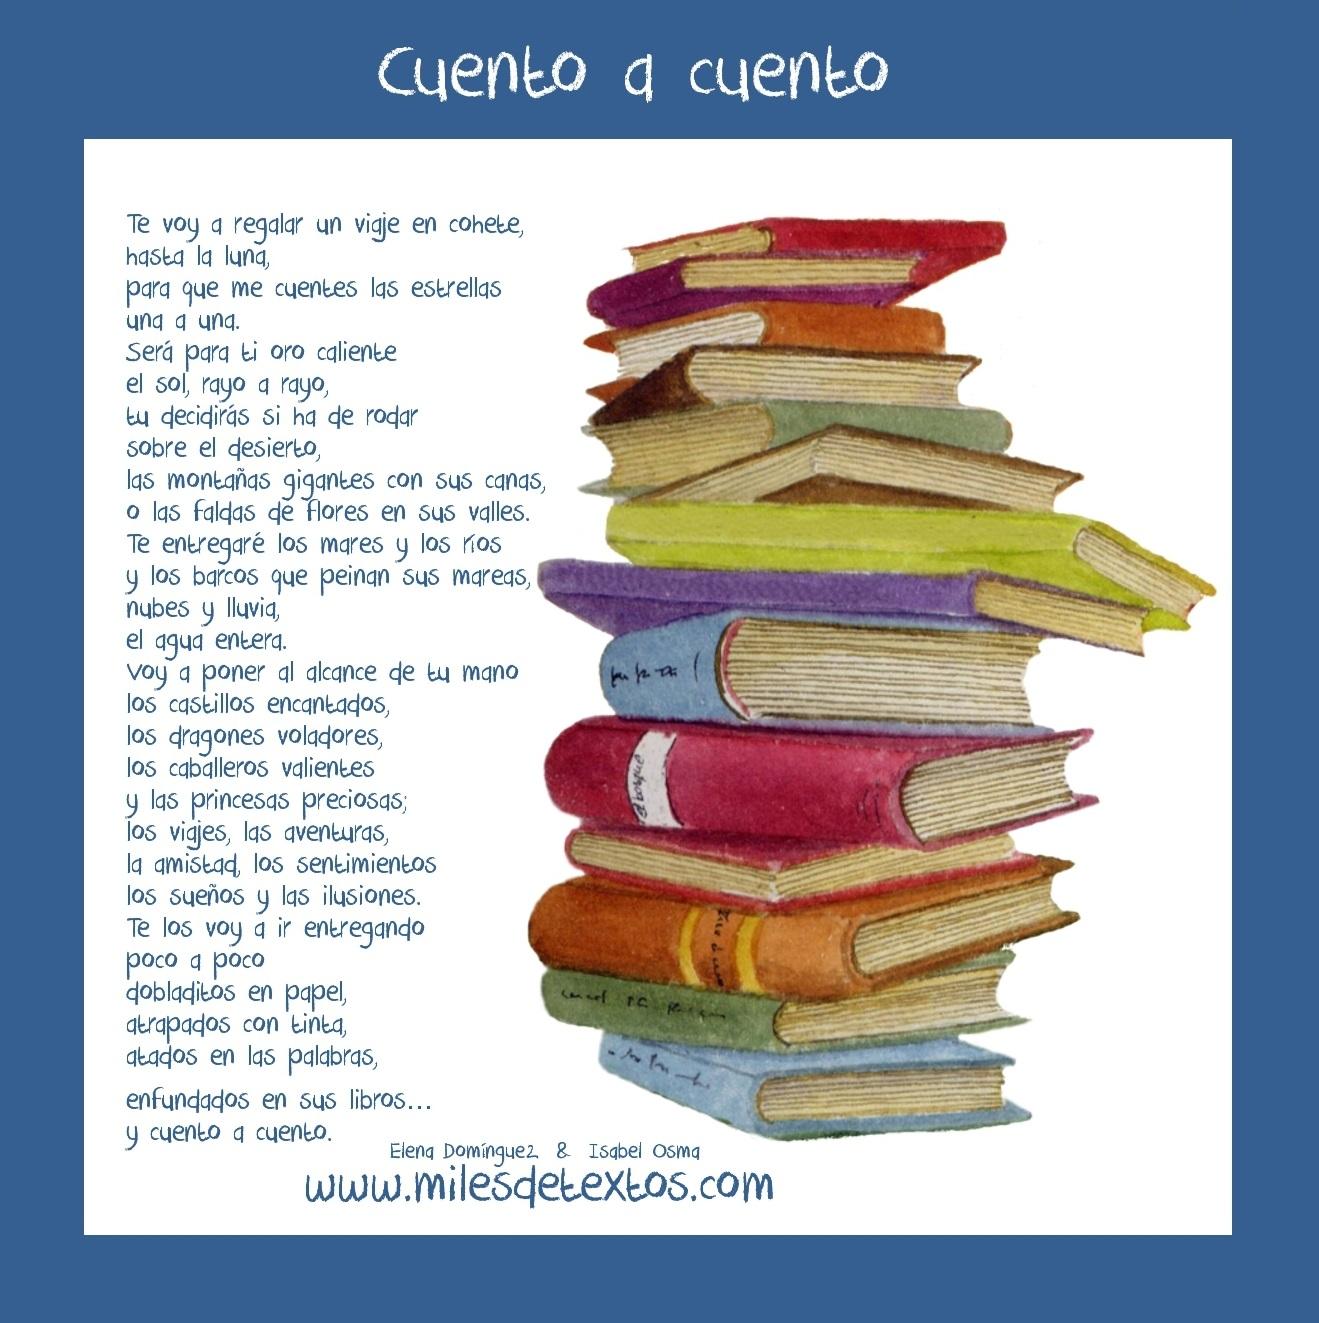 Cuentos. Miles de textos. www.milesdetextos.com. Poesía